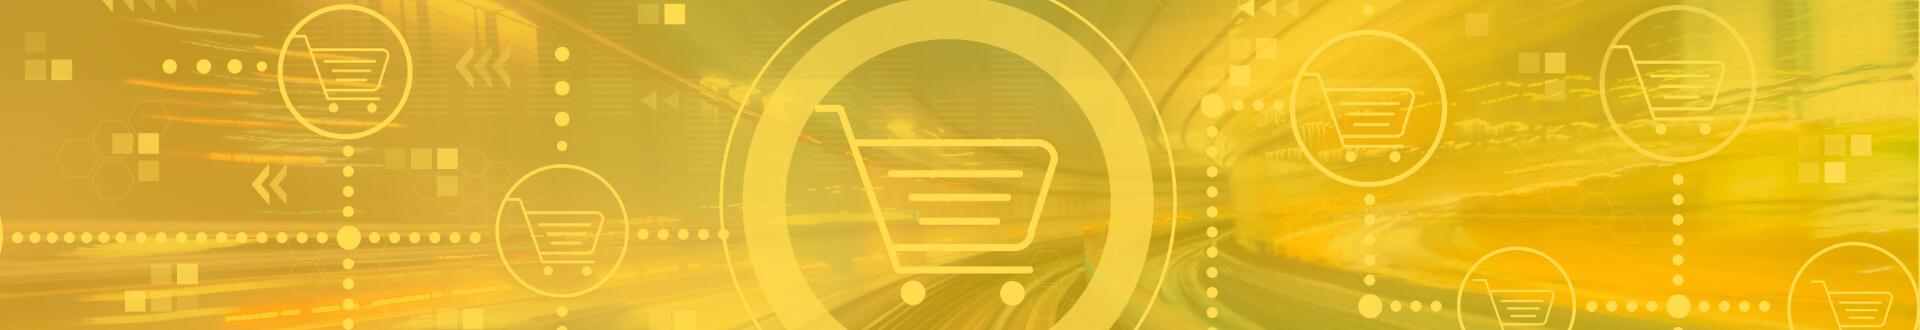 Headerbild Shop DBD-Dynamische BauDaten